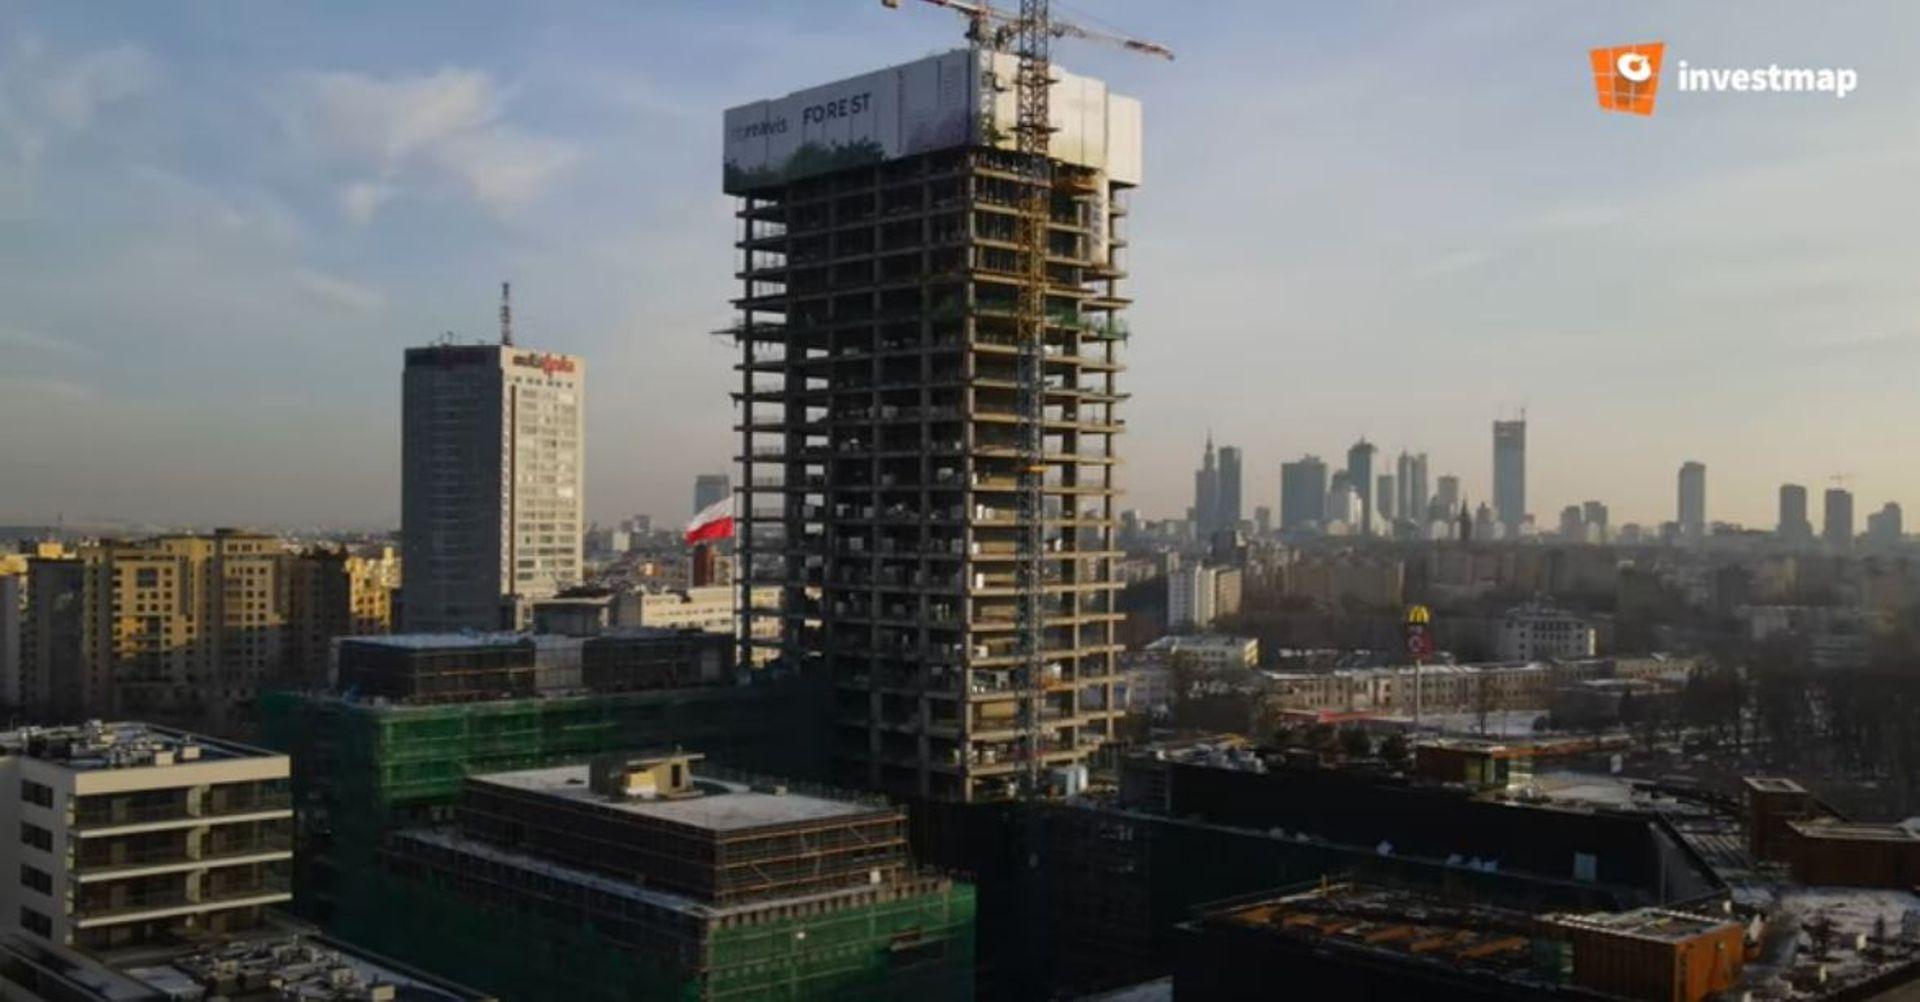 W Warszawie trwa budowa kompleksu biurowego Forest [FILM + ZDJĘCIA]